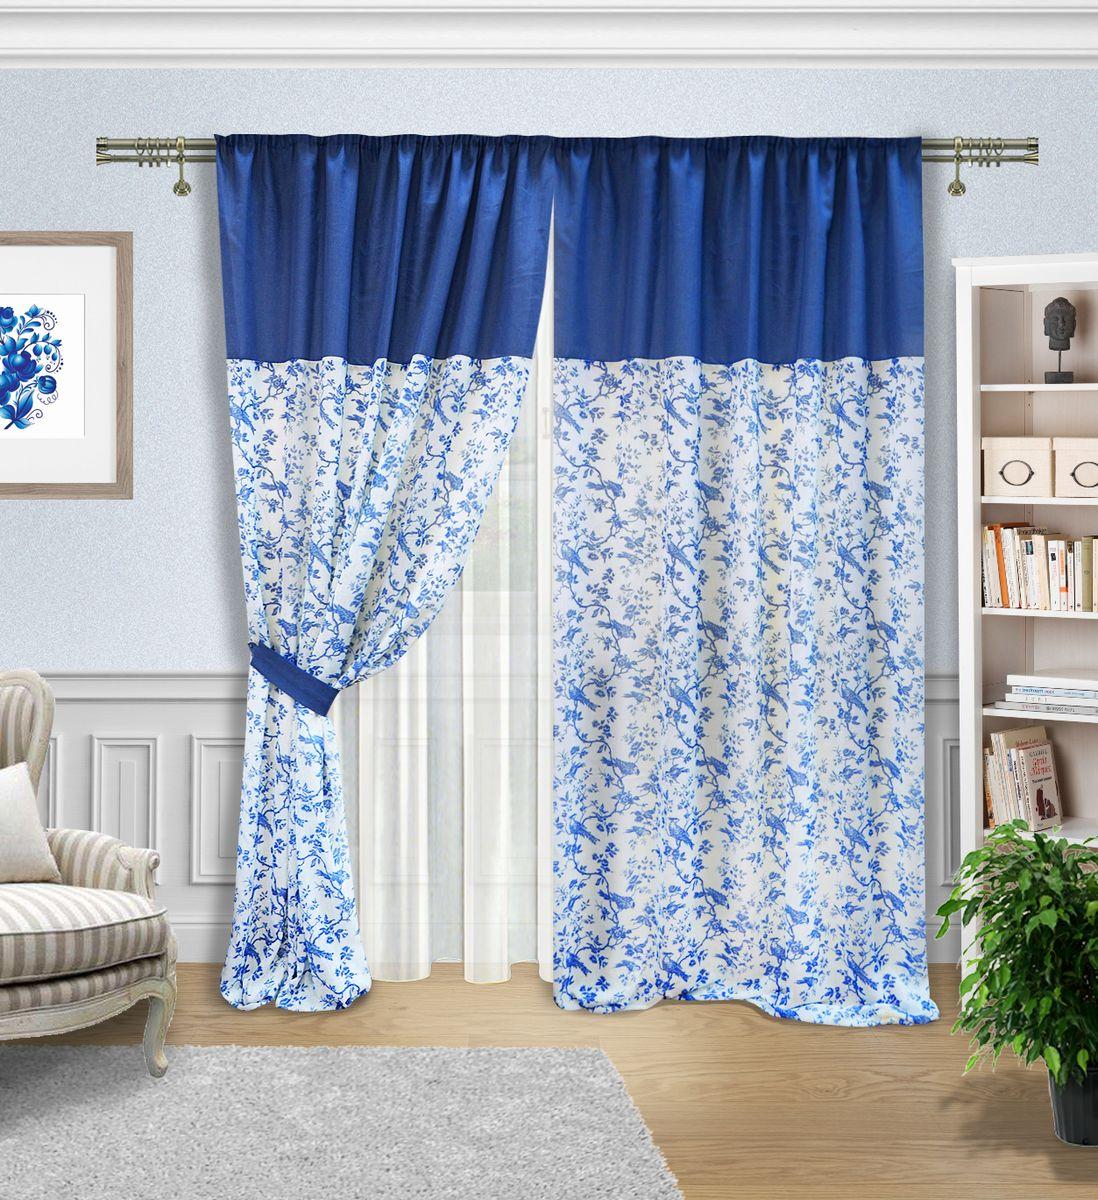 Комплект штор Zlata Korunka, на ленте, цвет: синий, белый, высота 270 см. 5557010503Комплект штор Zlata Korunka, выполненный из полиэстера, великолепно украсит любое окно. Комплект состоит из тюля, двух штор и двух подхватов. Оригинальный рисунок в виде росписи гжель и приятная цветовая гамма привлекут к себе внимание и органично впишутся в интерьер помещения. Этот комплект будет долгое время радовать вас и вашу семью!Комплект крепится на карниз при помощи ленты, которая поможет красиво и равномерно задрапировать верх.В комплект входит: Тюль: 1 шт. Размер (Ш х В): 400 х 270 см. Штора: 2 шт. Размер (Ш х В): 180 х 270 см.Подхват: 2 шт.